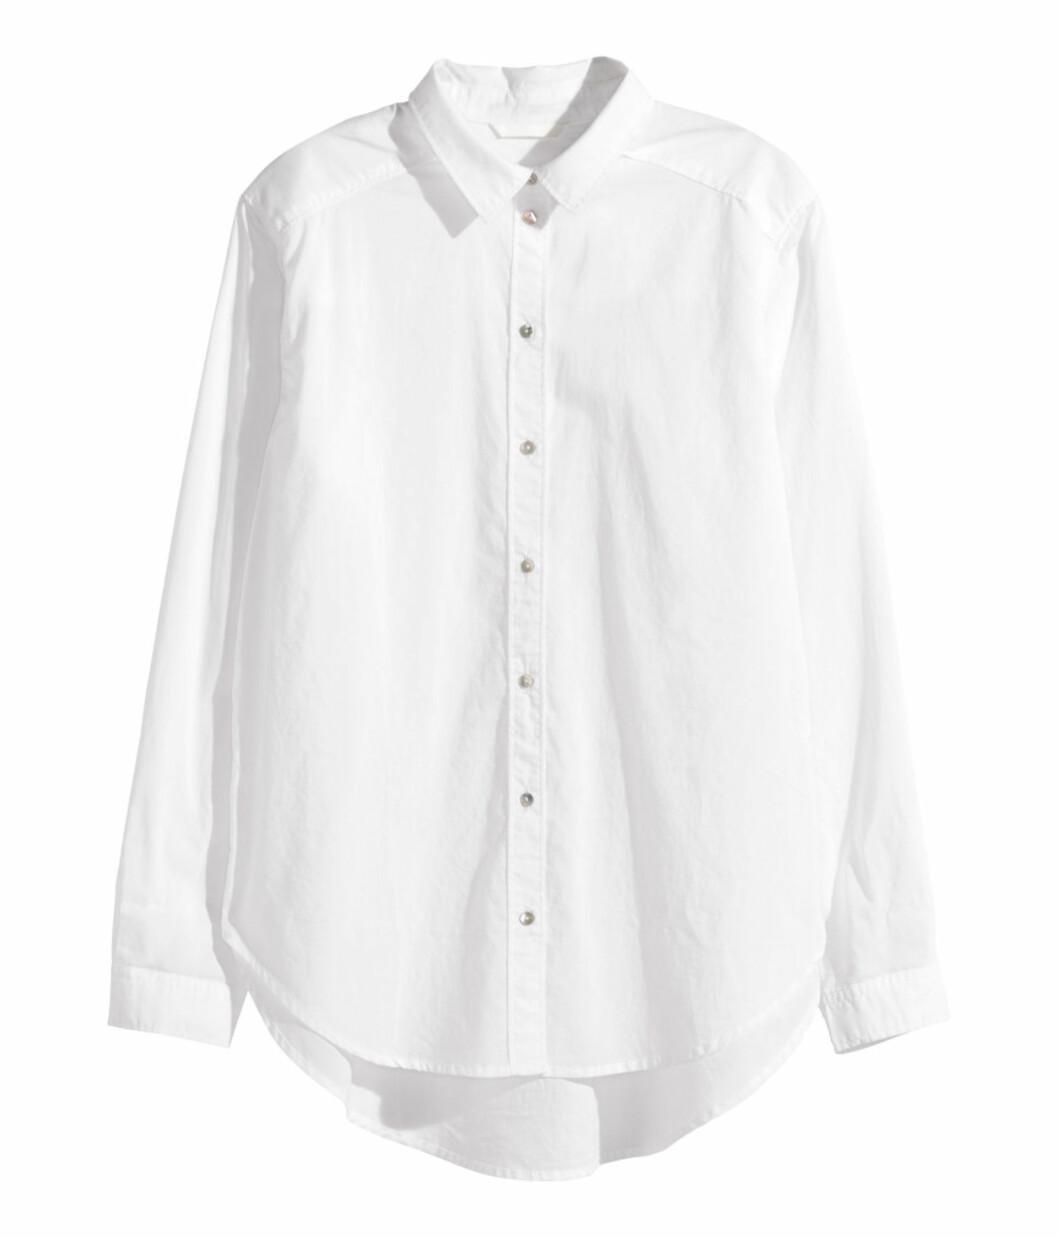 Skjorte fra H&M, kr 199. Foto: Produsenten